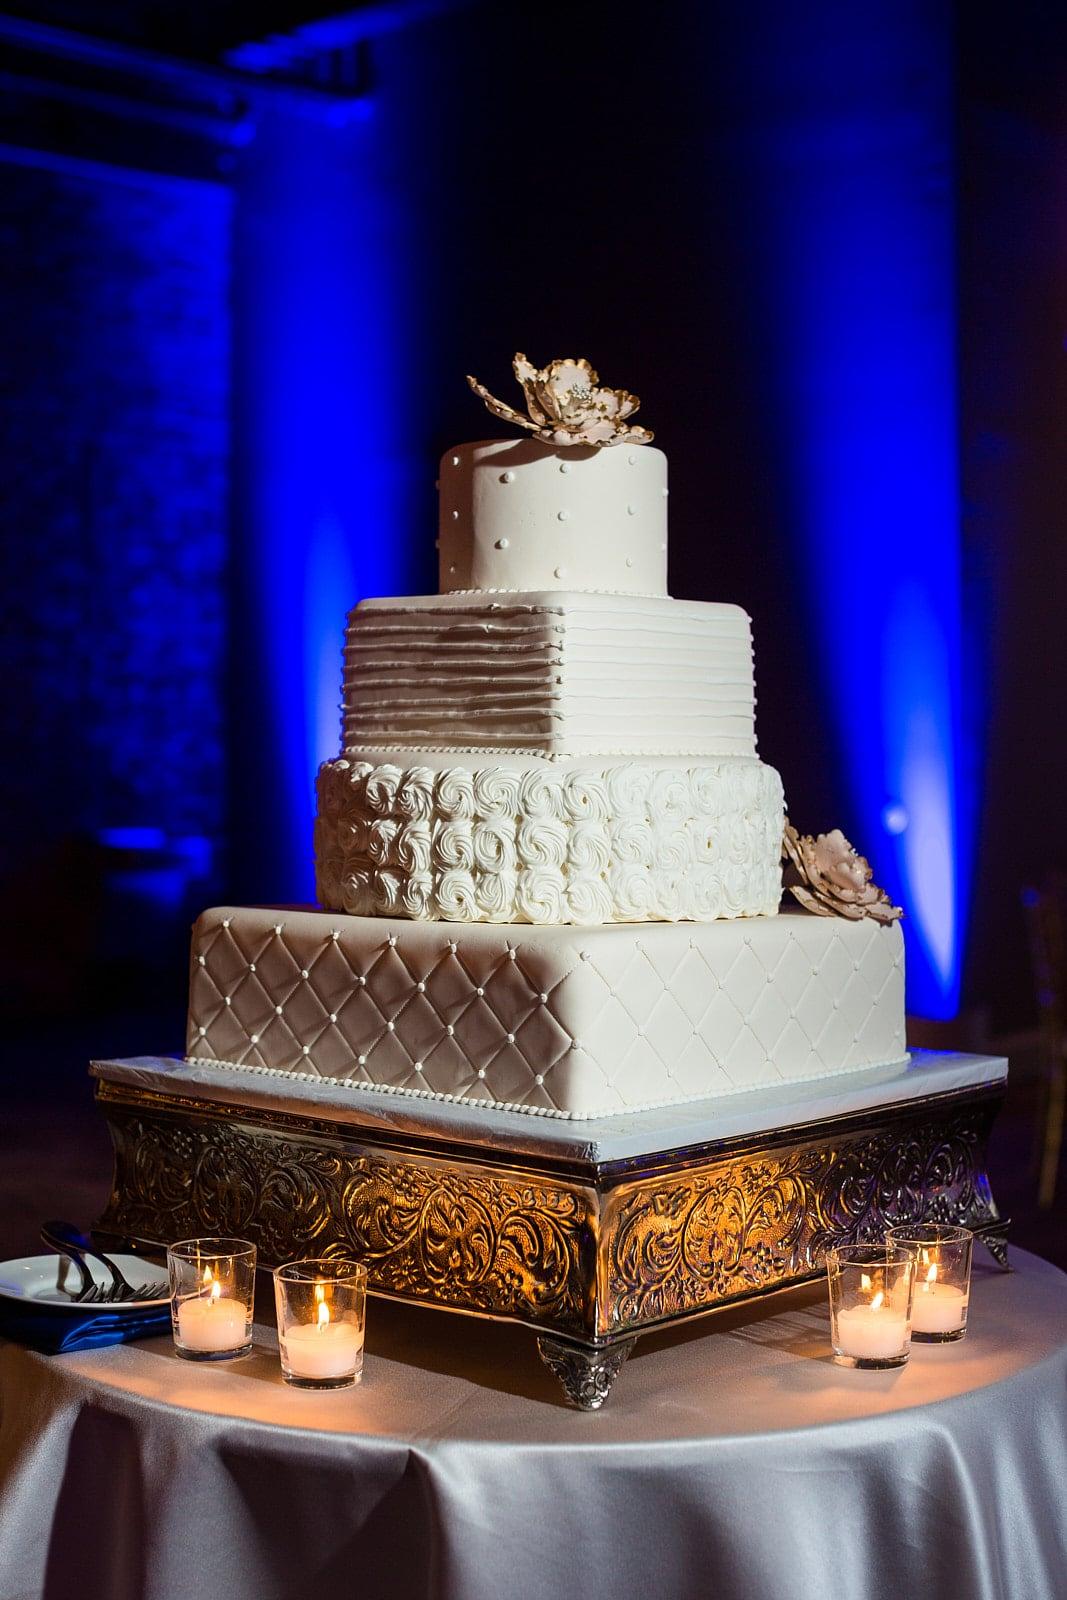 Atlanta wedding cake with blue uplighting